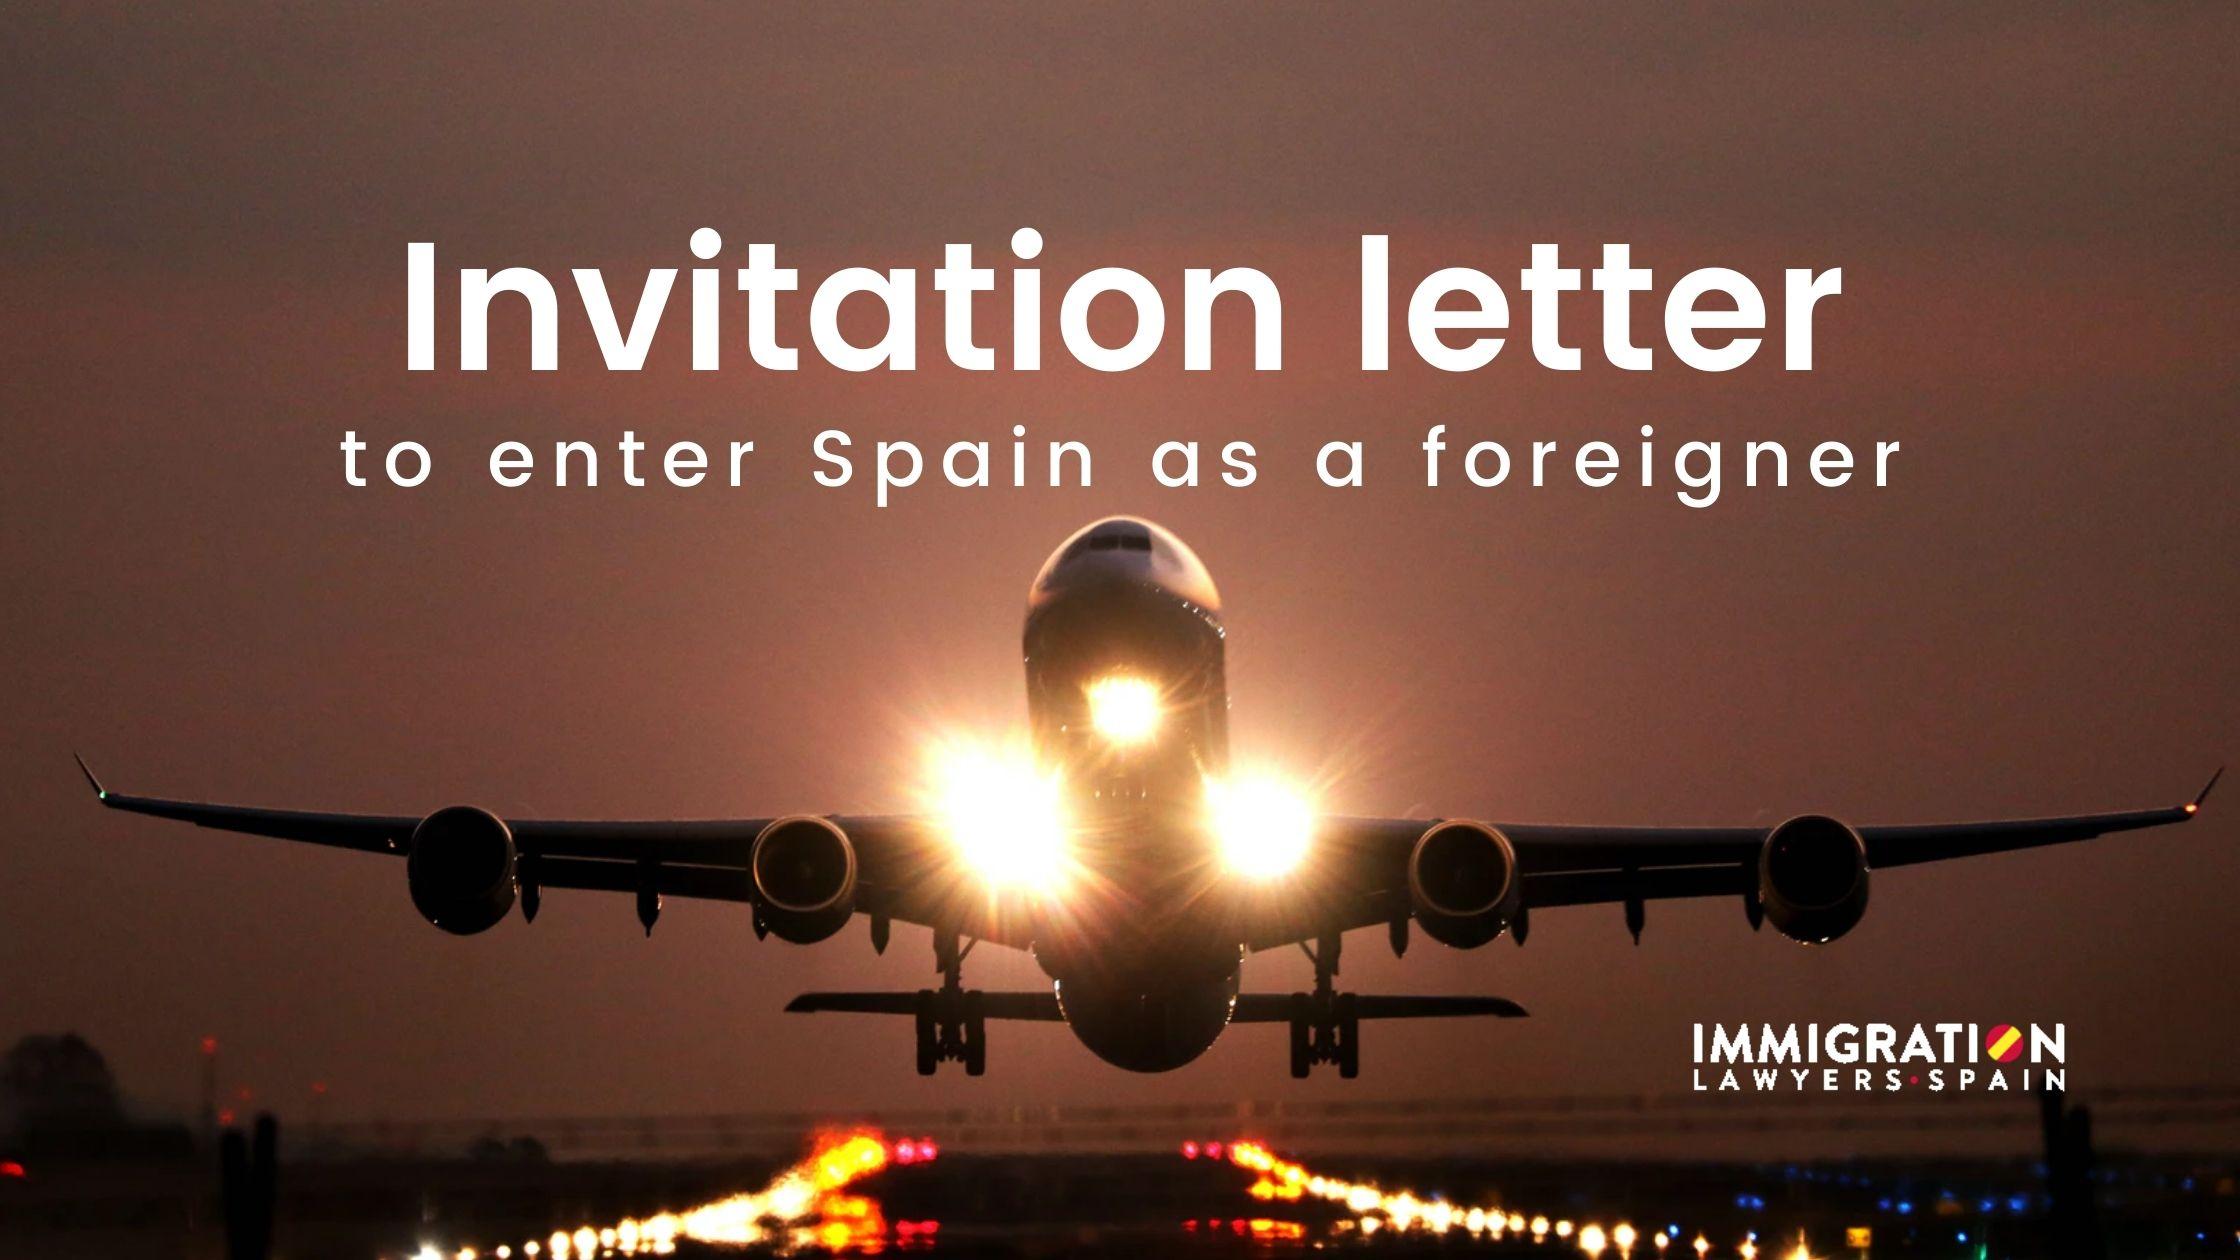 invitation letter Spain